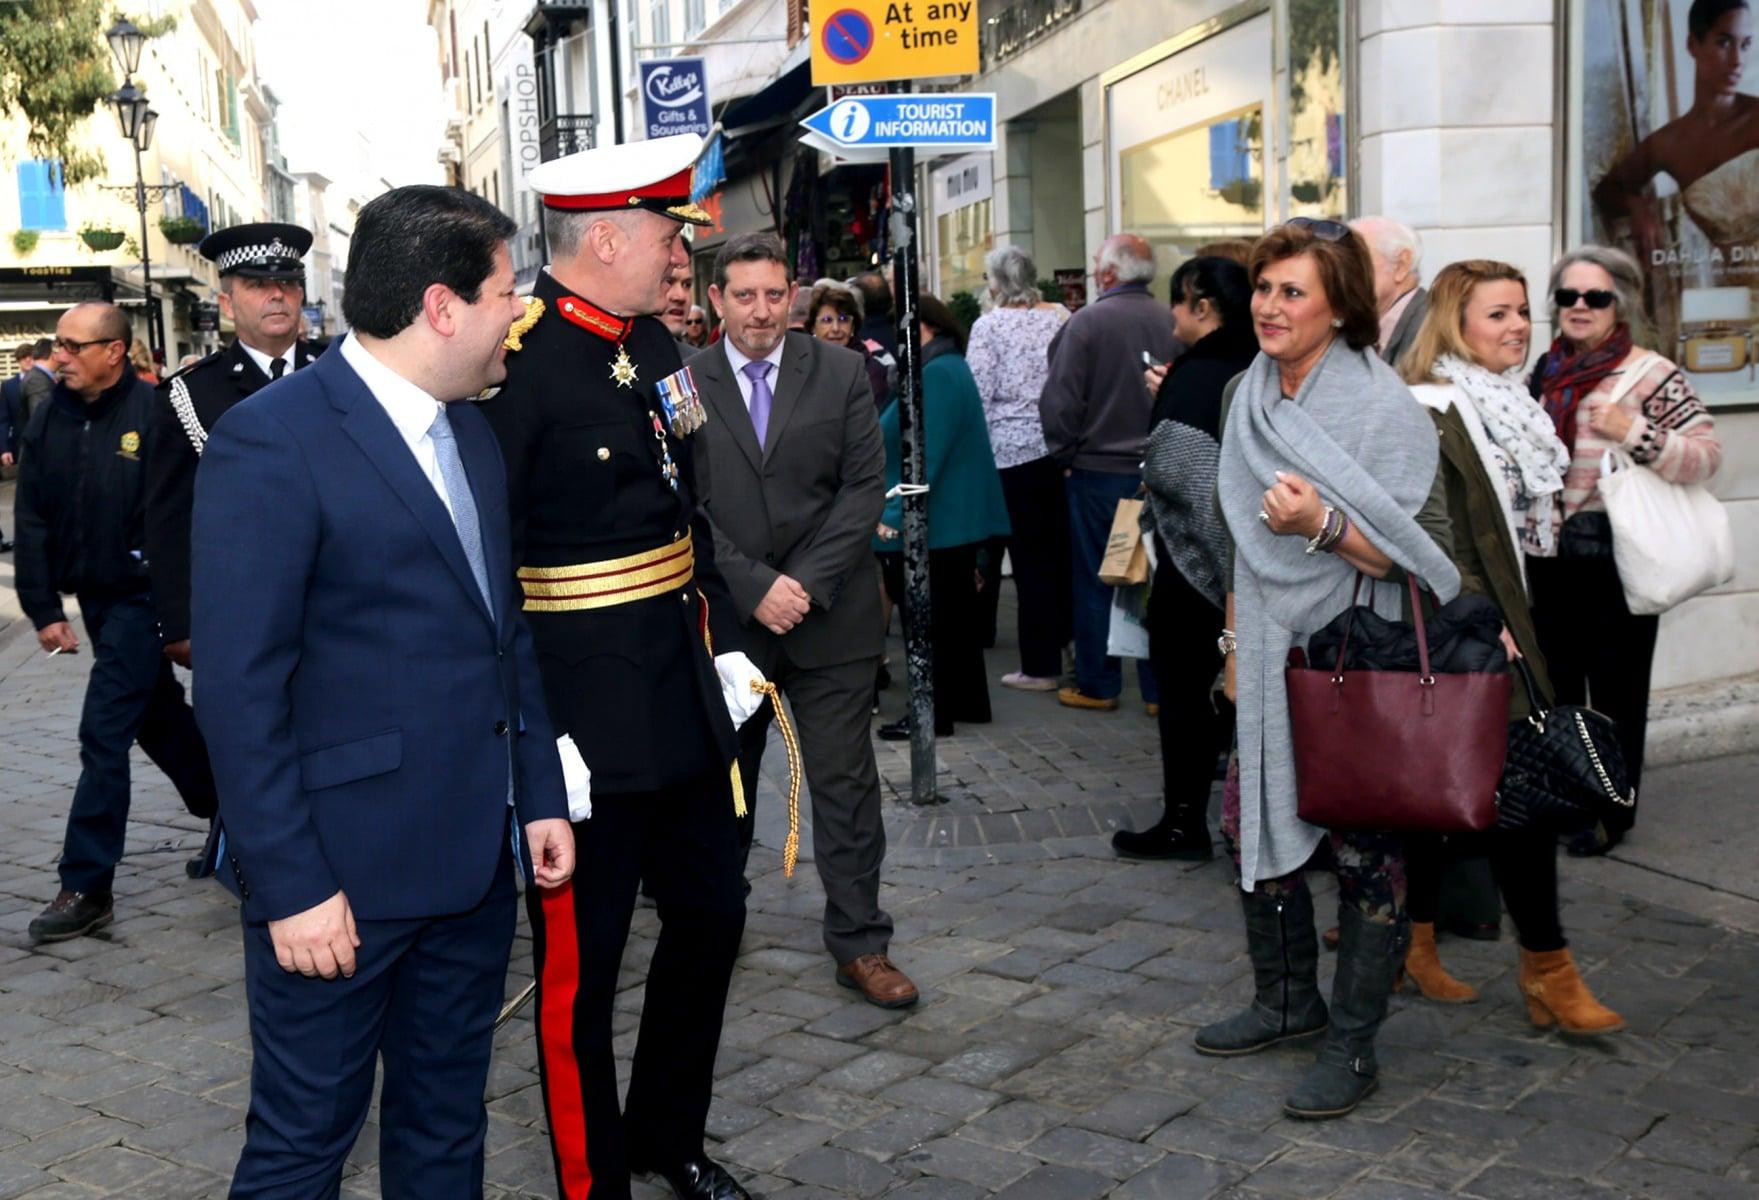 gobernador-de-gibraltar-edward-davis_24496995945_o